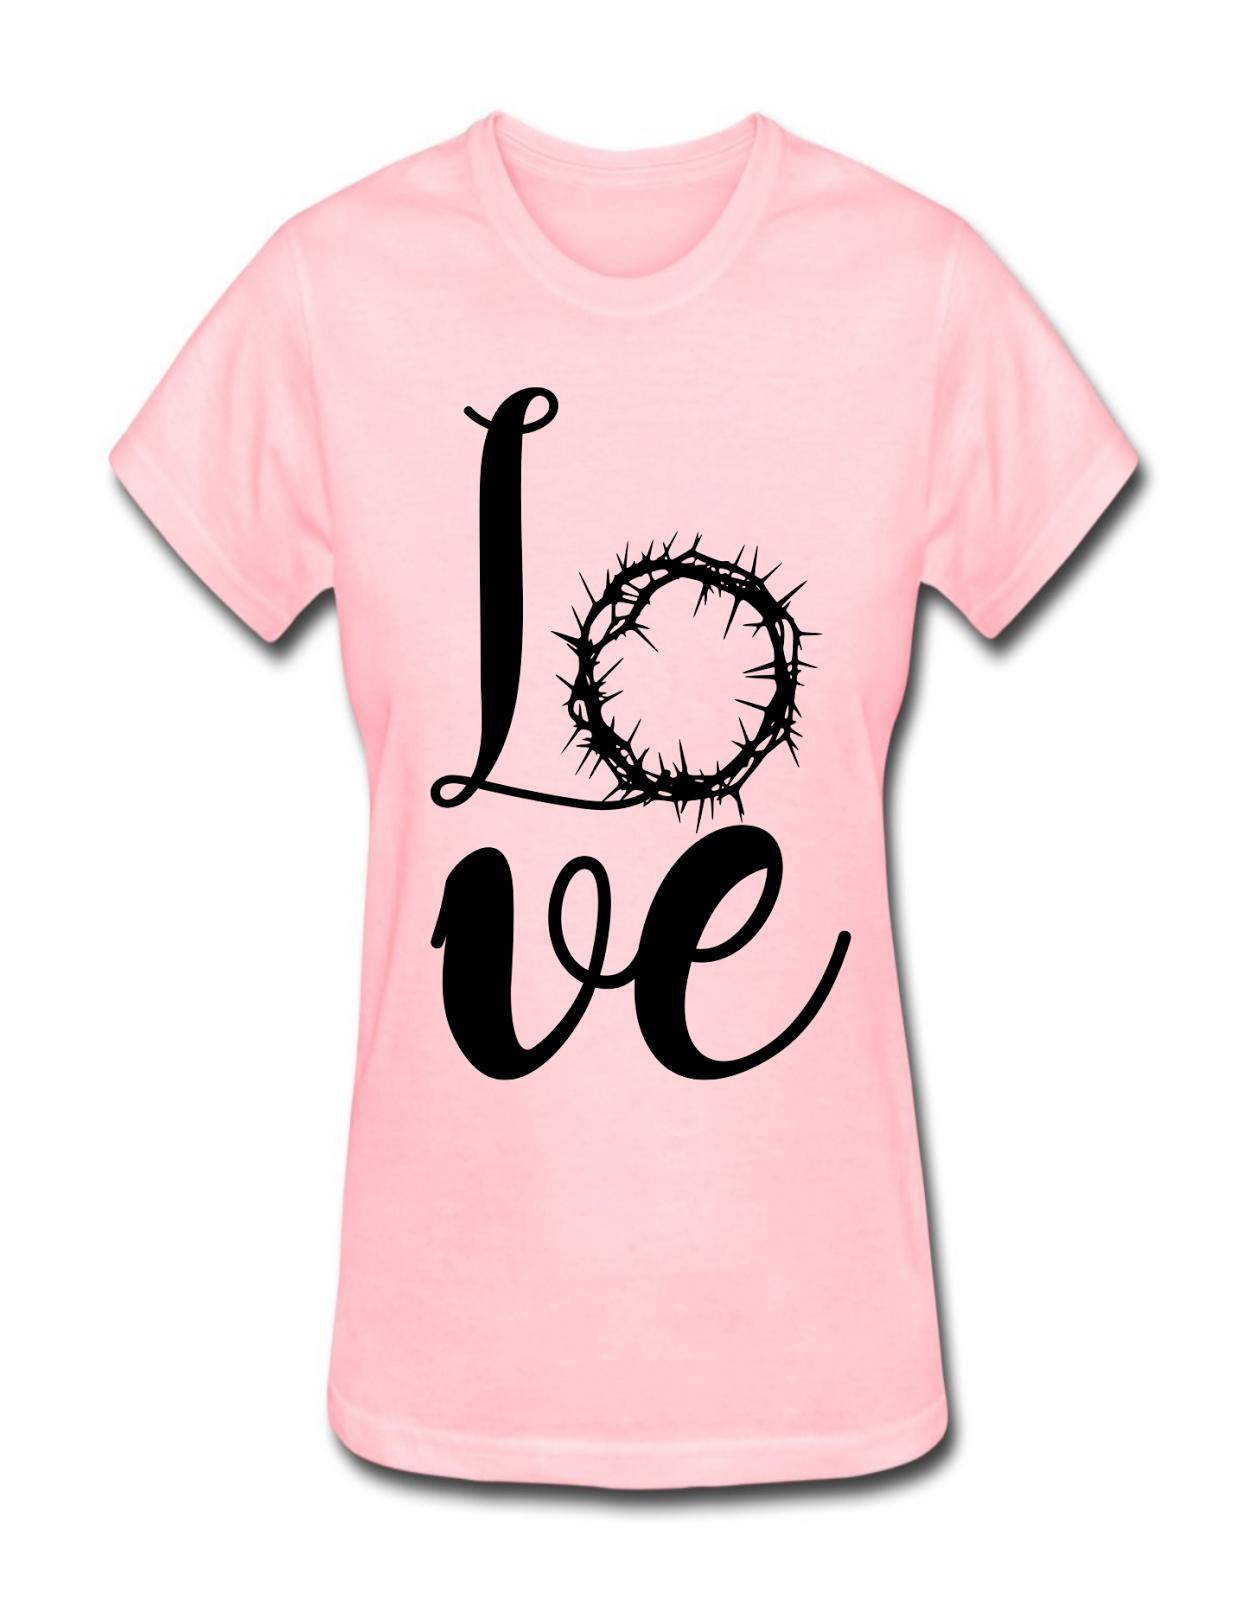 b11204e2e6 Camisa feminina moda gospel rosa